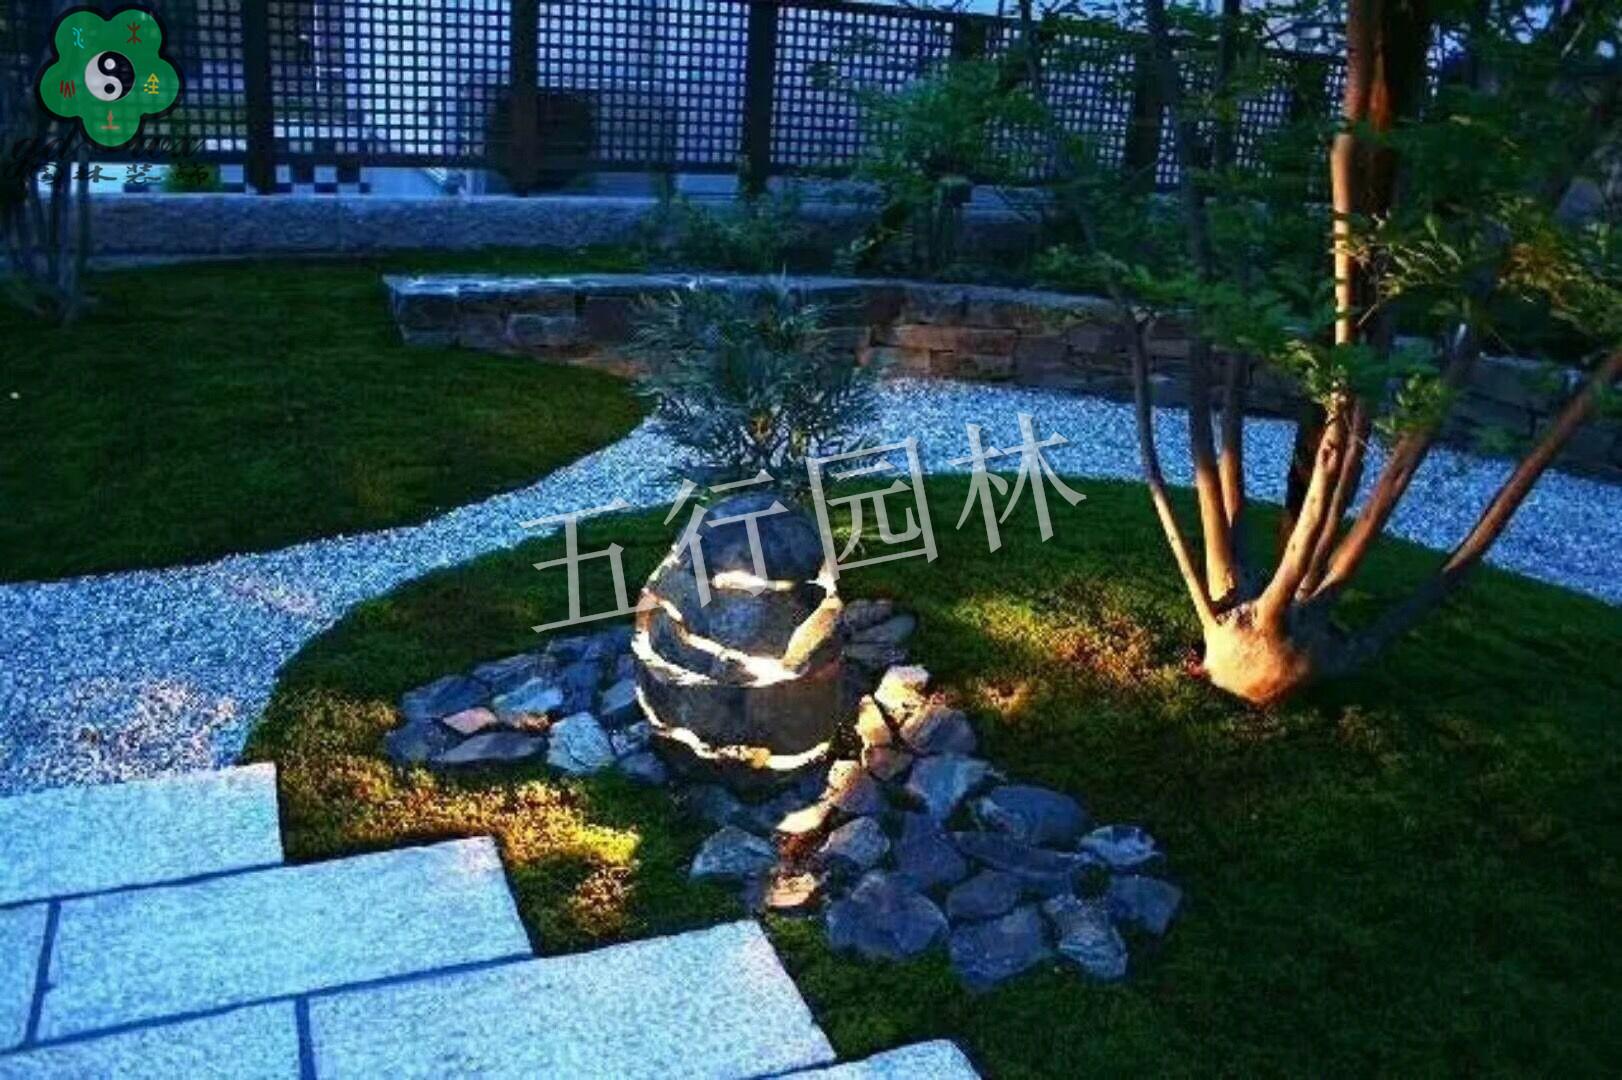 花园别墅的设计感受花园生活的美好!太平黄山湖边别墅图片